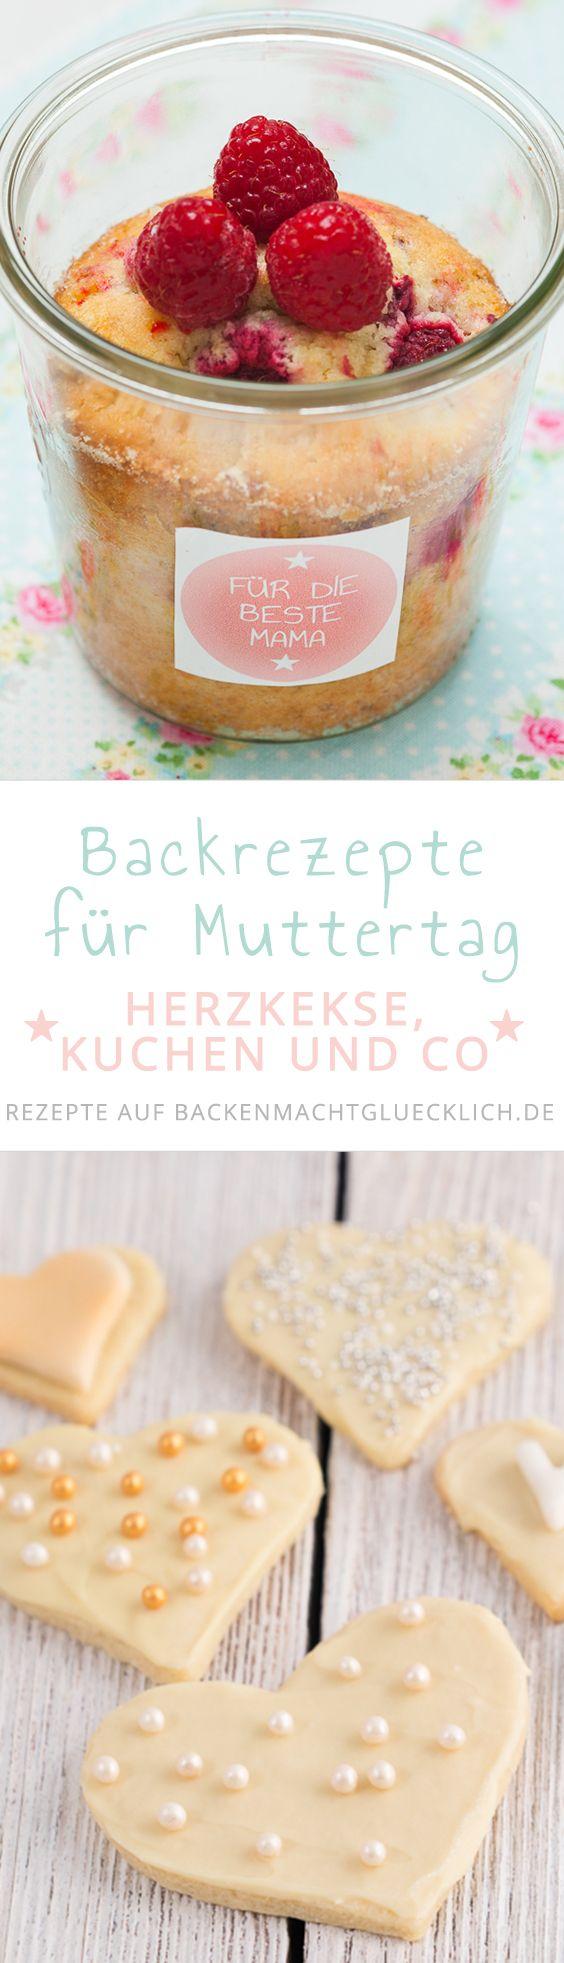 Köstliche Rezepte für Muttertag - von Herzkuchen über Herzkekse bis hin zu Ideen für ein schönes Muttertagsfrühstück. Mit diesen Muttertagsrezepten könnt ihr Mama eine große Freude machen!